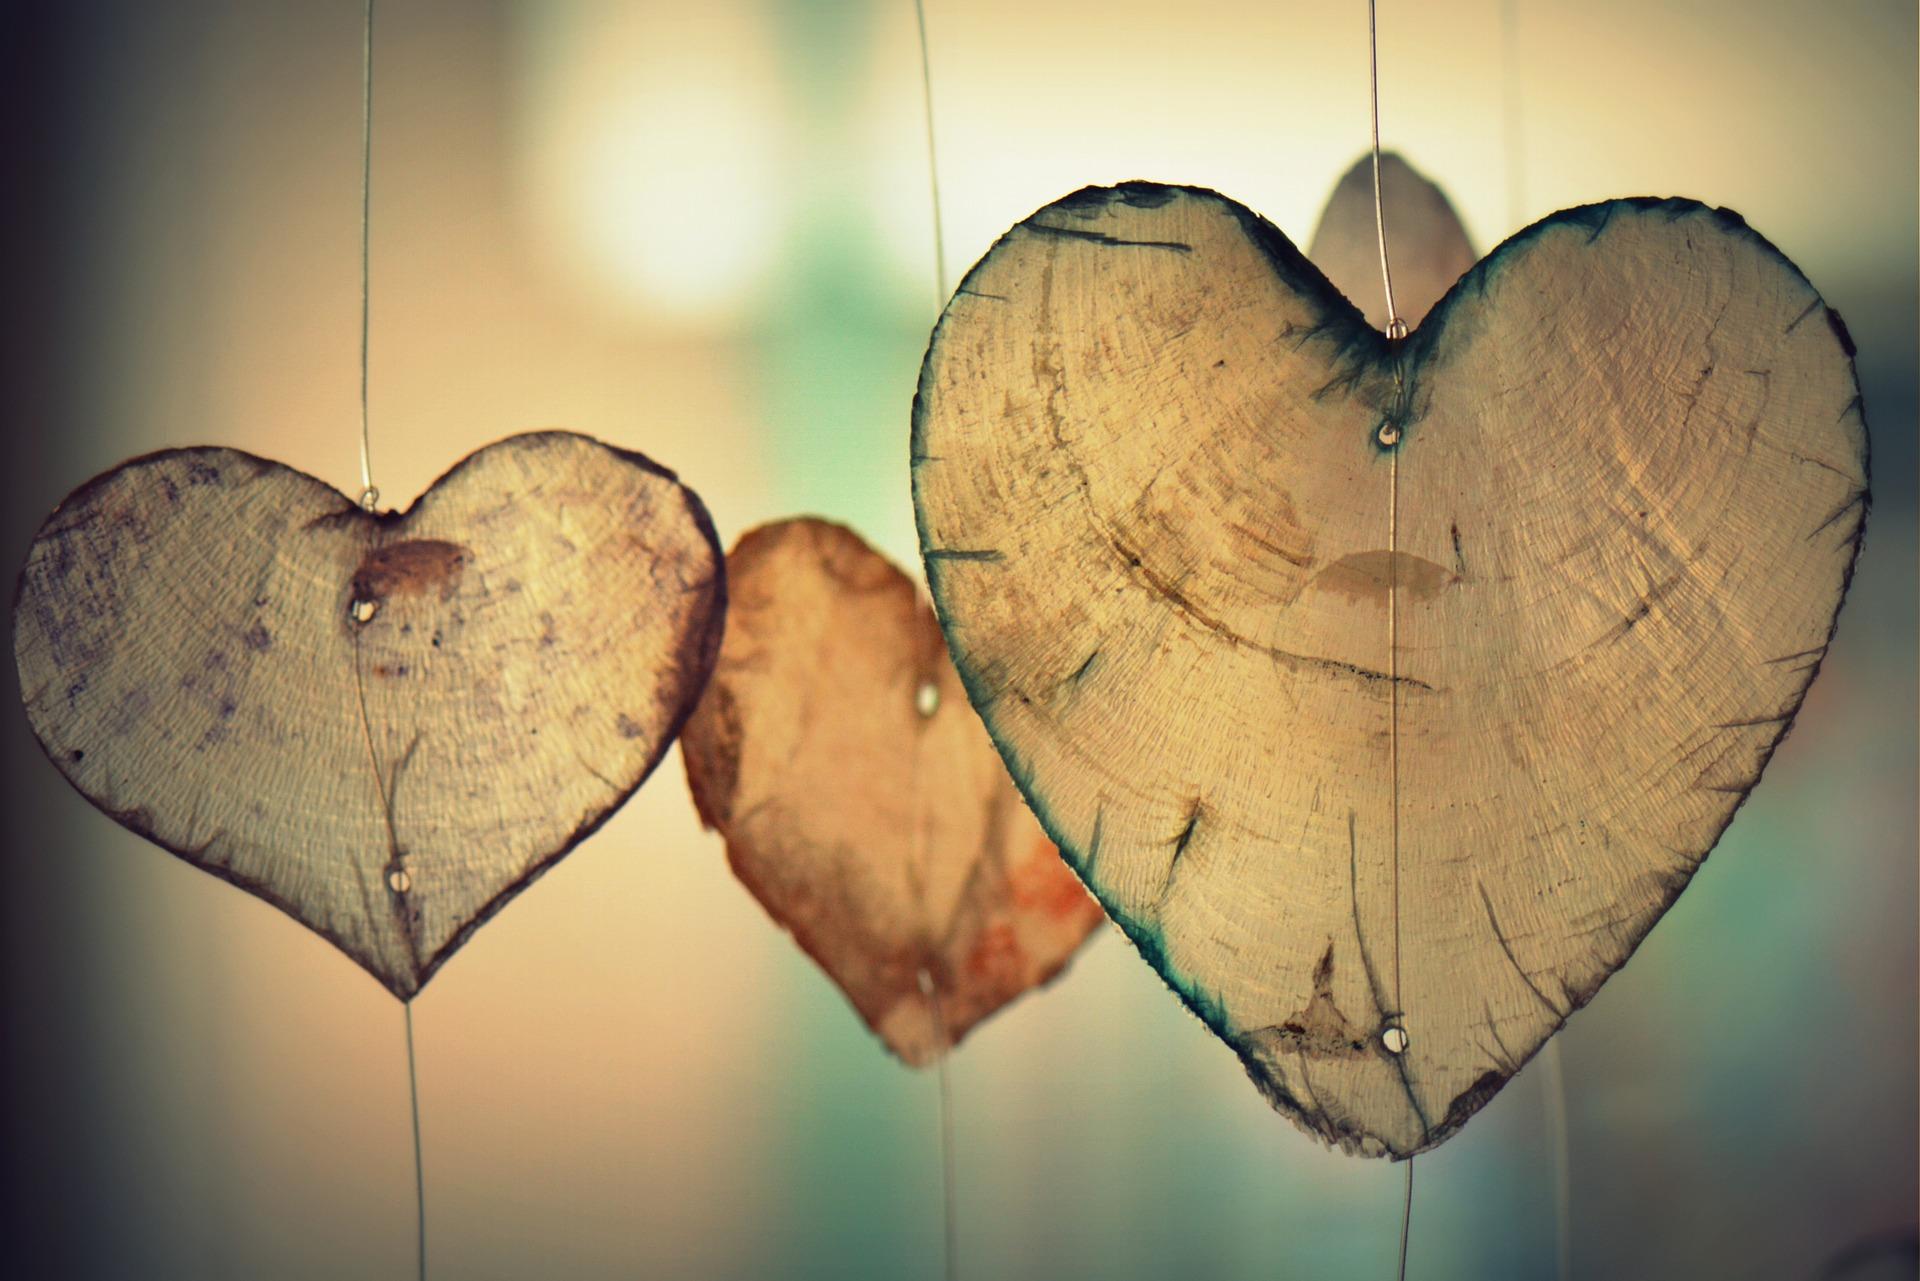 corazones, amor, colgantes, adornos, manualidades - Fondos de Pantalla HD - professor-falken.com